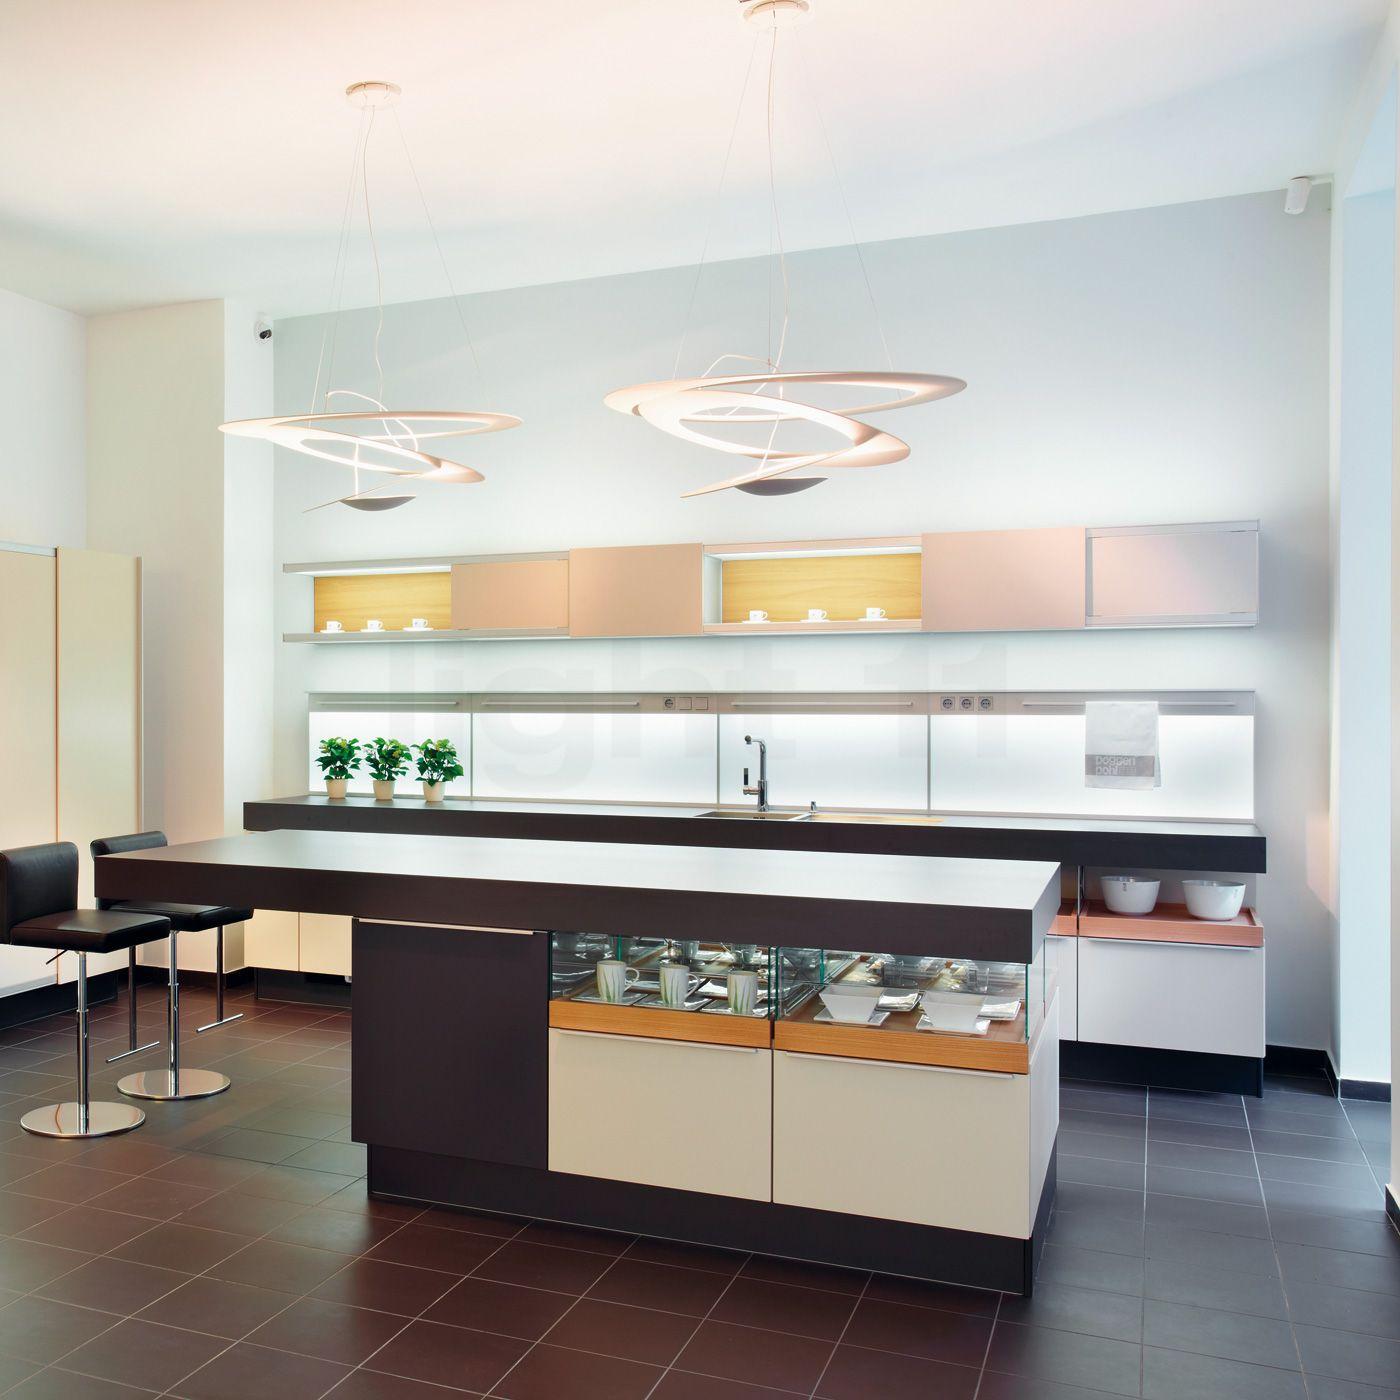 Deckenleuchten & deckenlampen innen kaufen bei light11.de